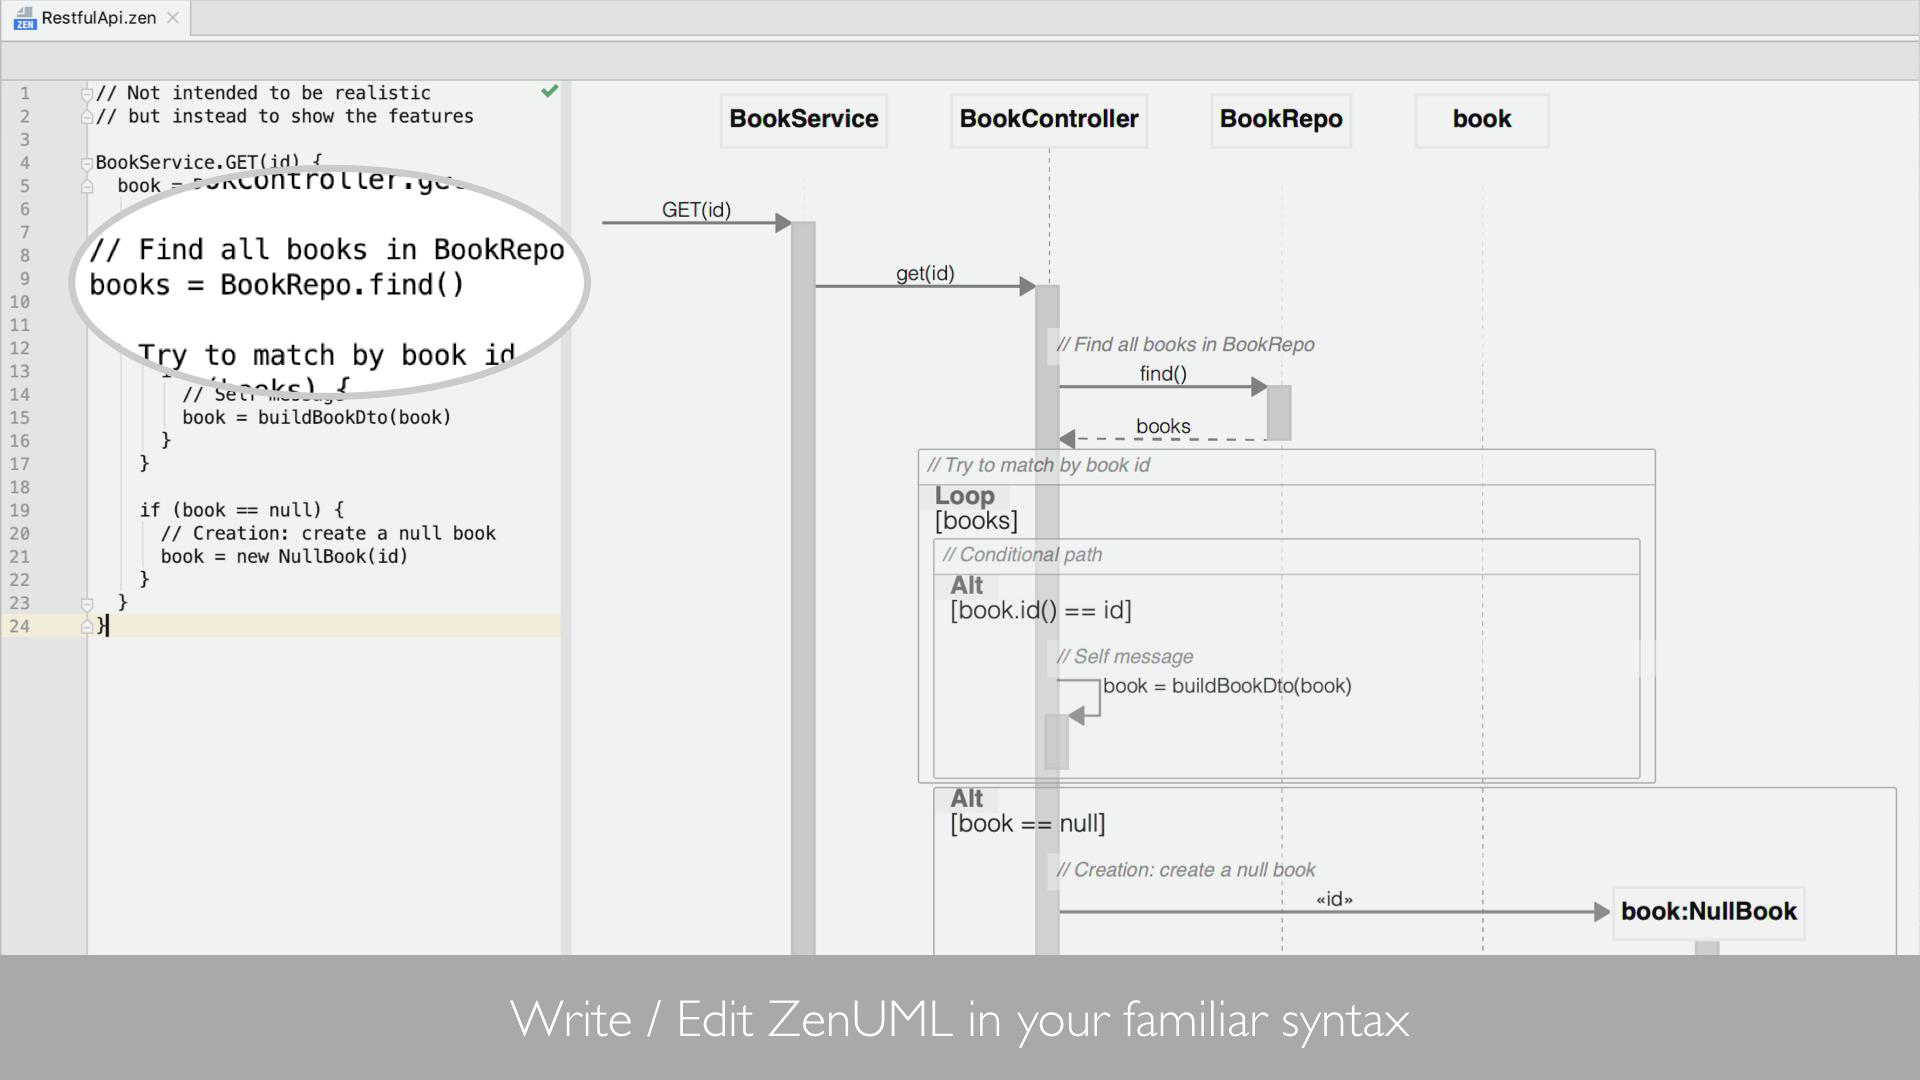 Intellij Uml Sequence Diagram - Wiring Diagram